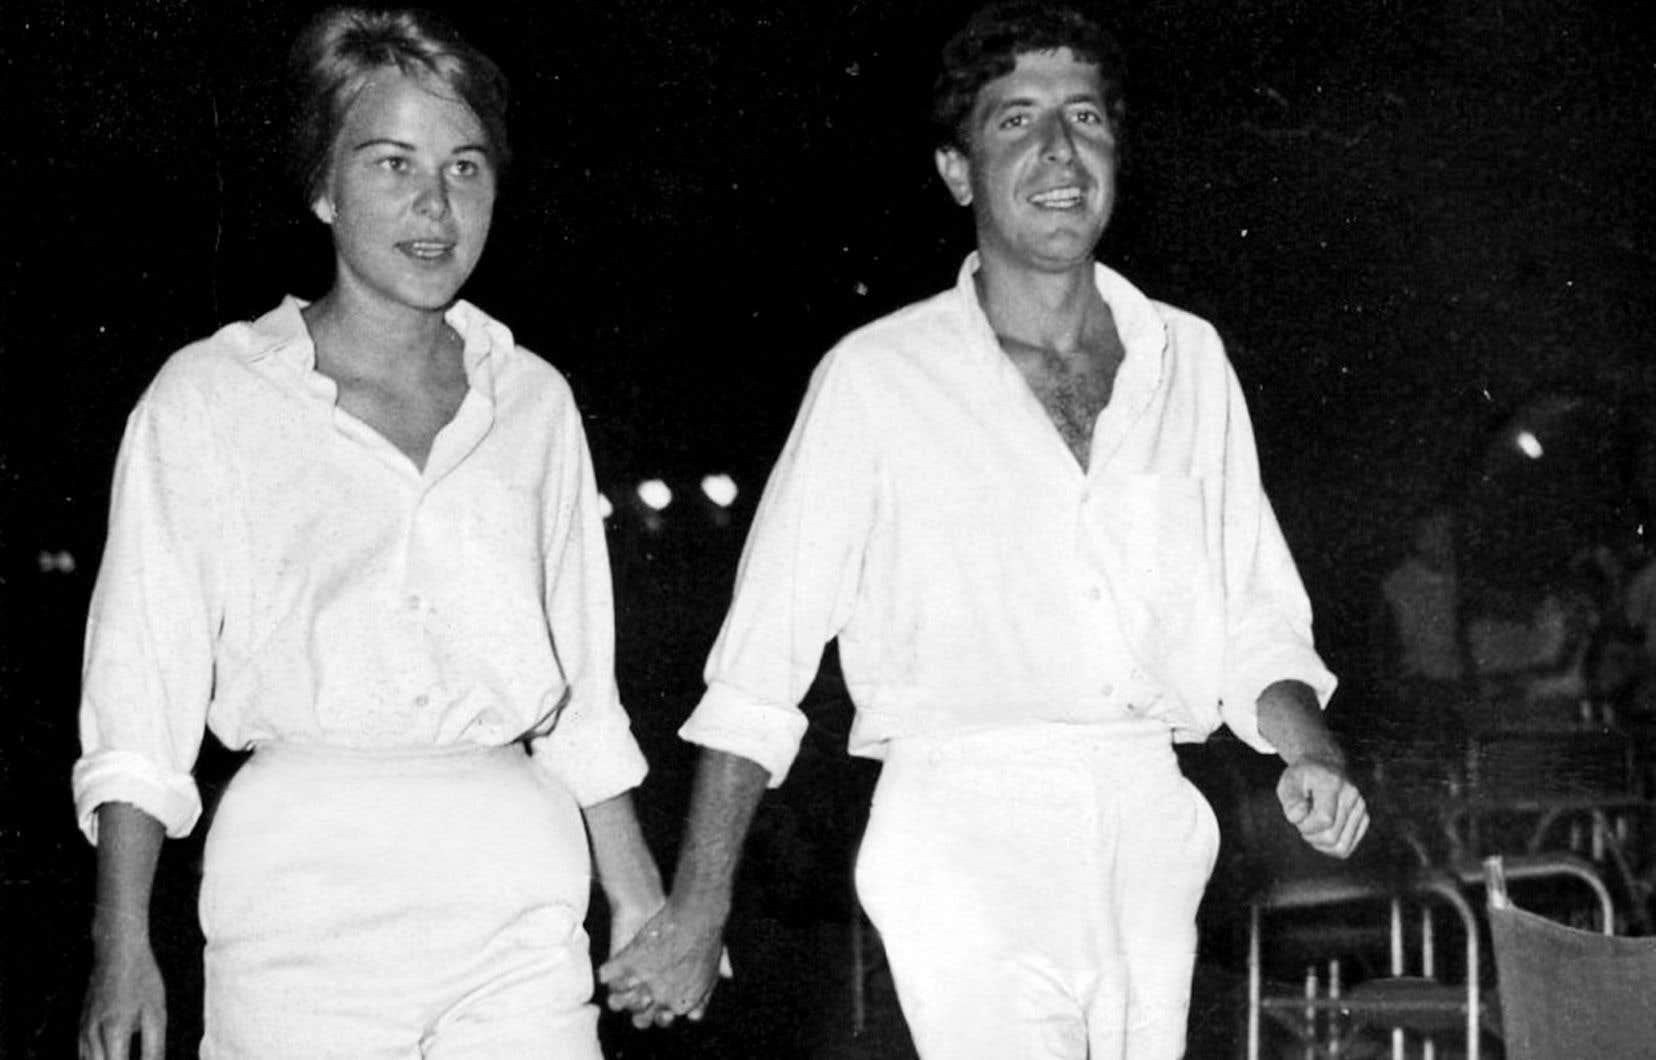 Marianne Ihlen est bien celle qui a inspiré à Leonard Cohen l'une de ses plus célèbres chansons, «So Long, Marianne».